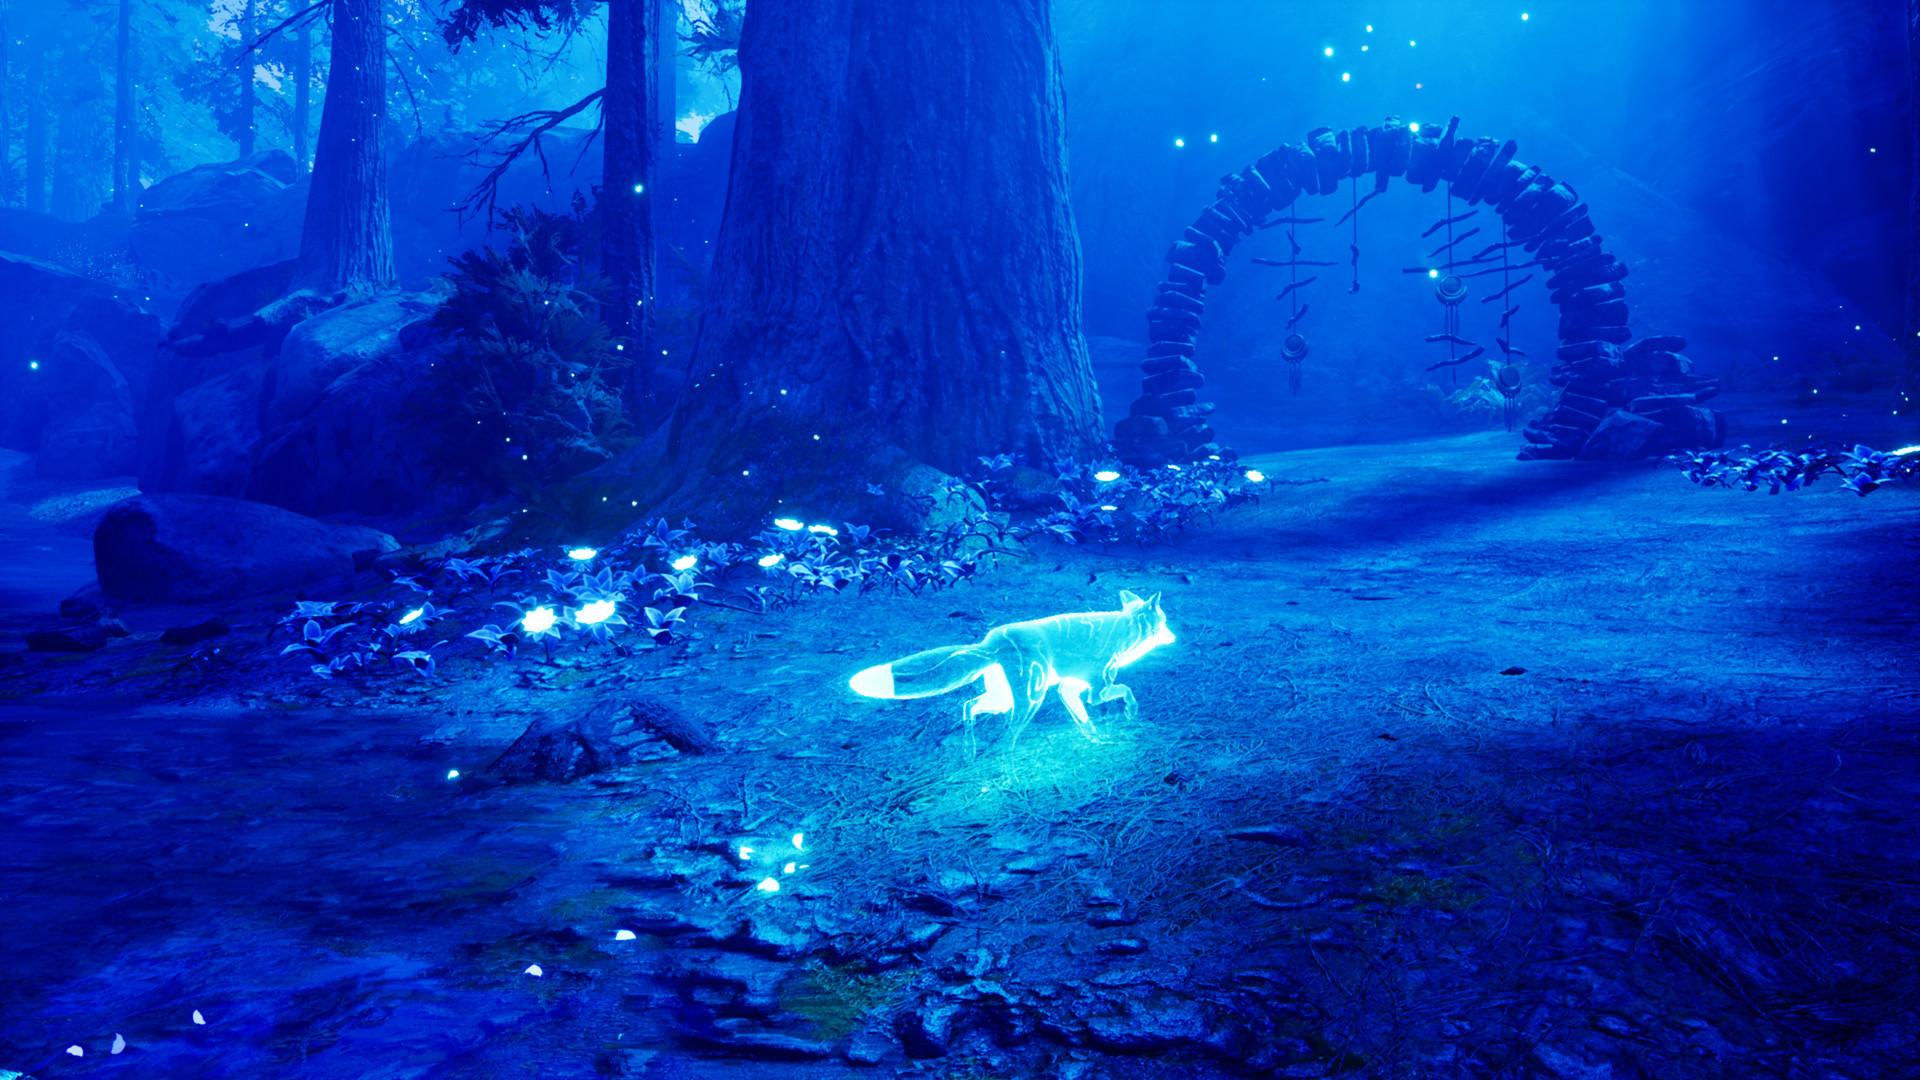 spirit-of-the-north-pc-screenshot-04